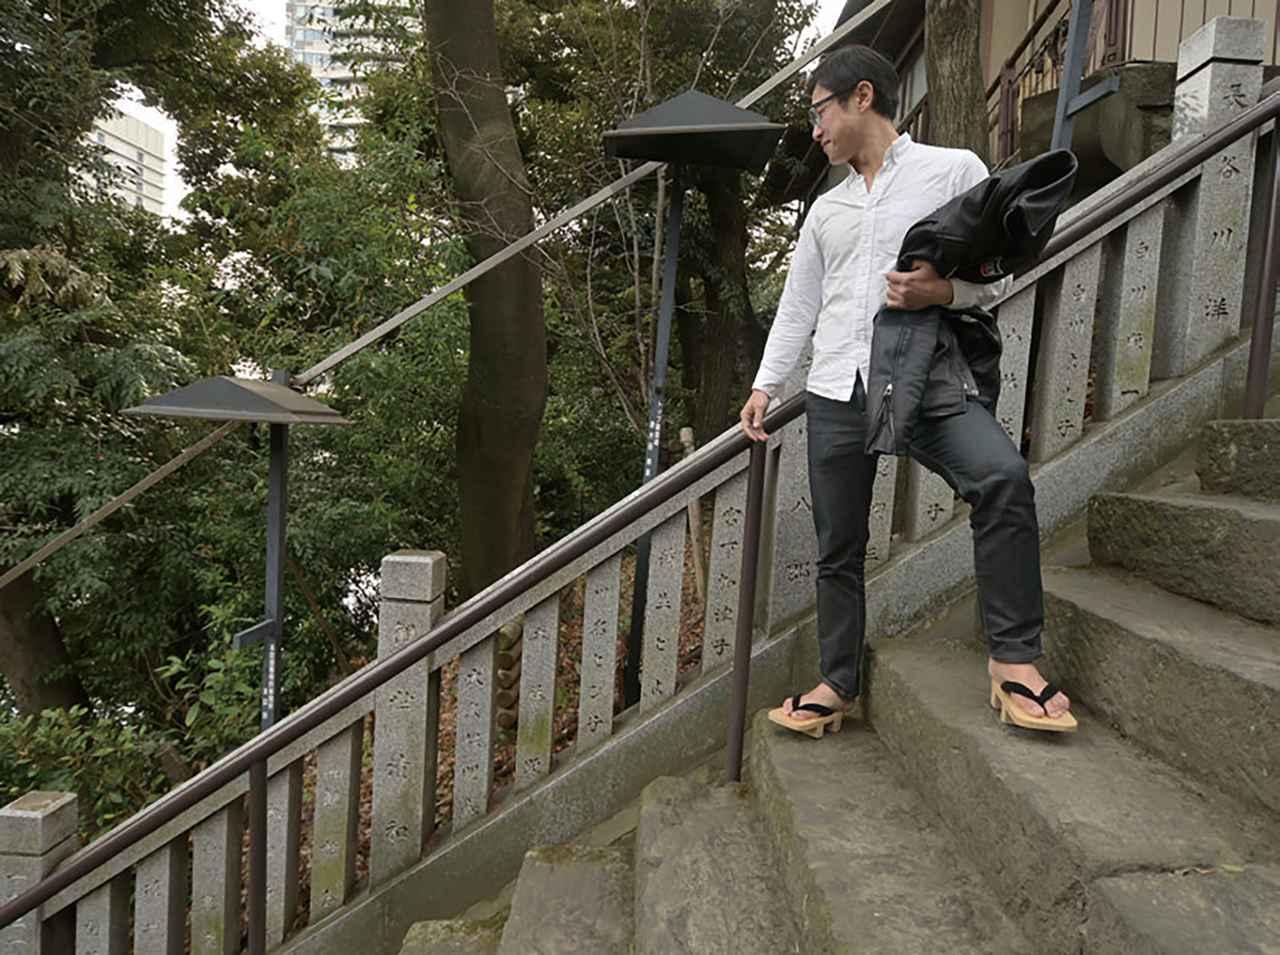 画像: 四国・丸亀藩の家臣、曲垣平九郎(まがきへいくろう)の故事にちなみ、「出世の石段」(男坂)と呼ばれる石段は、登りながら息が切れるほど急勾配!正面向かって右側には、傾斜の緩やかな「女坂」の階段もあります。